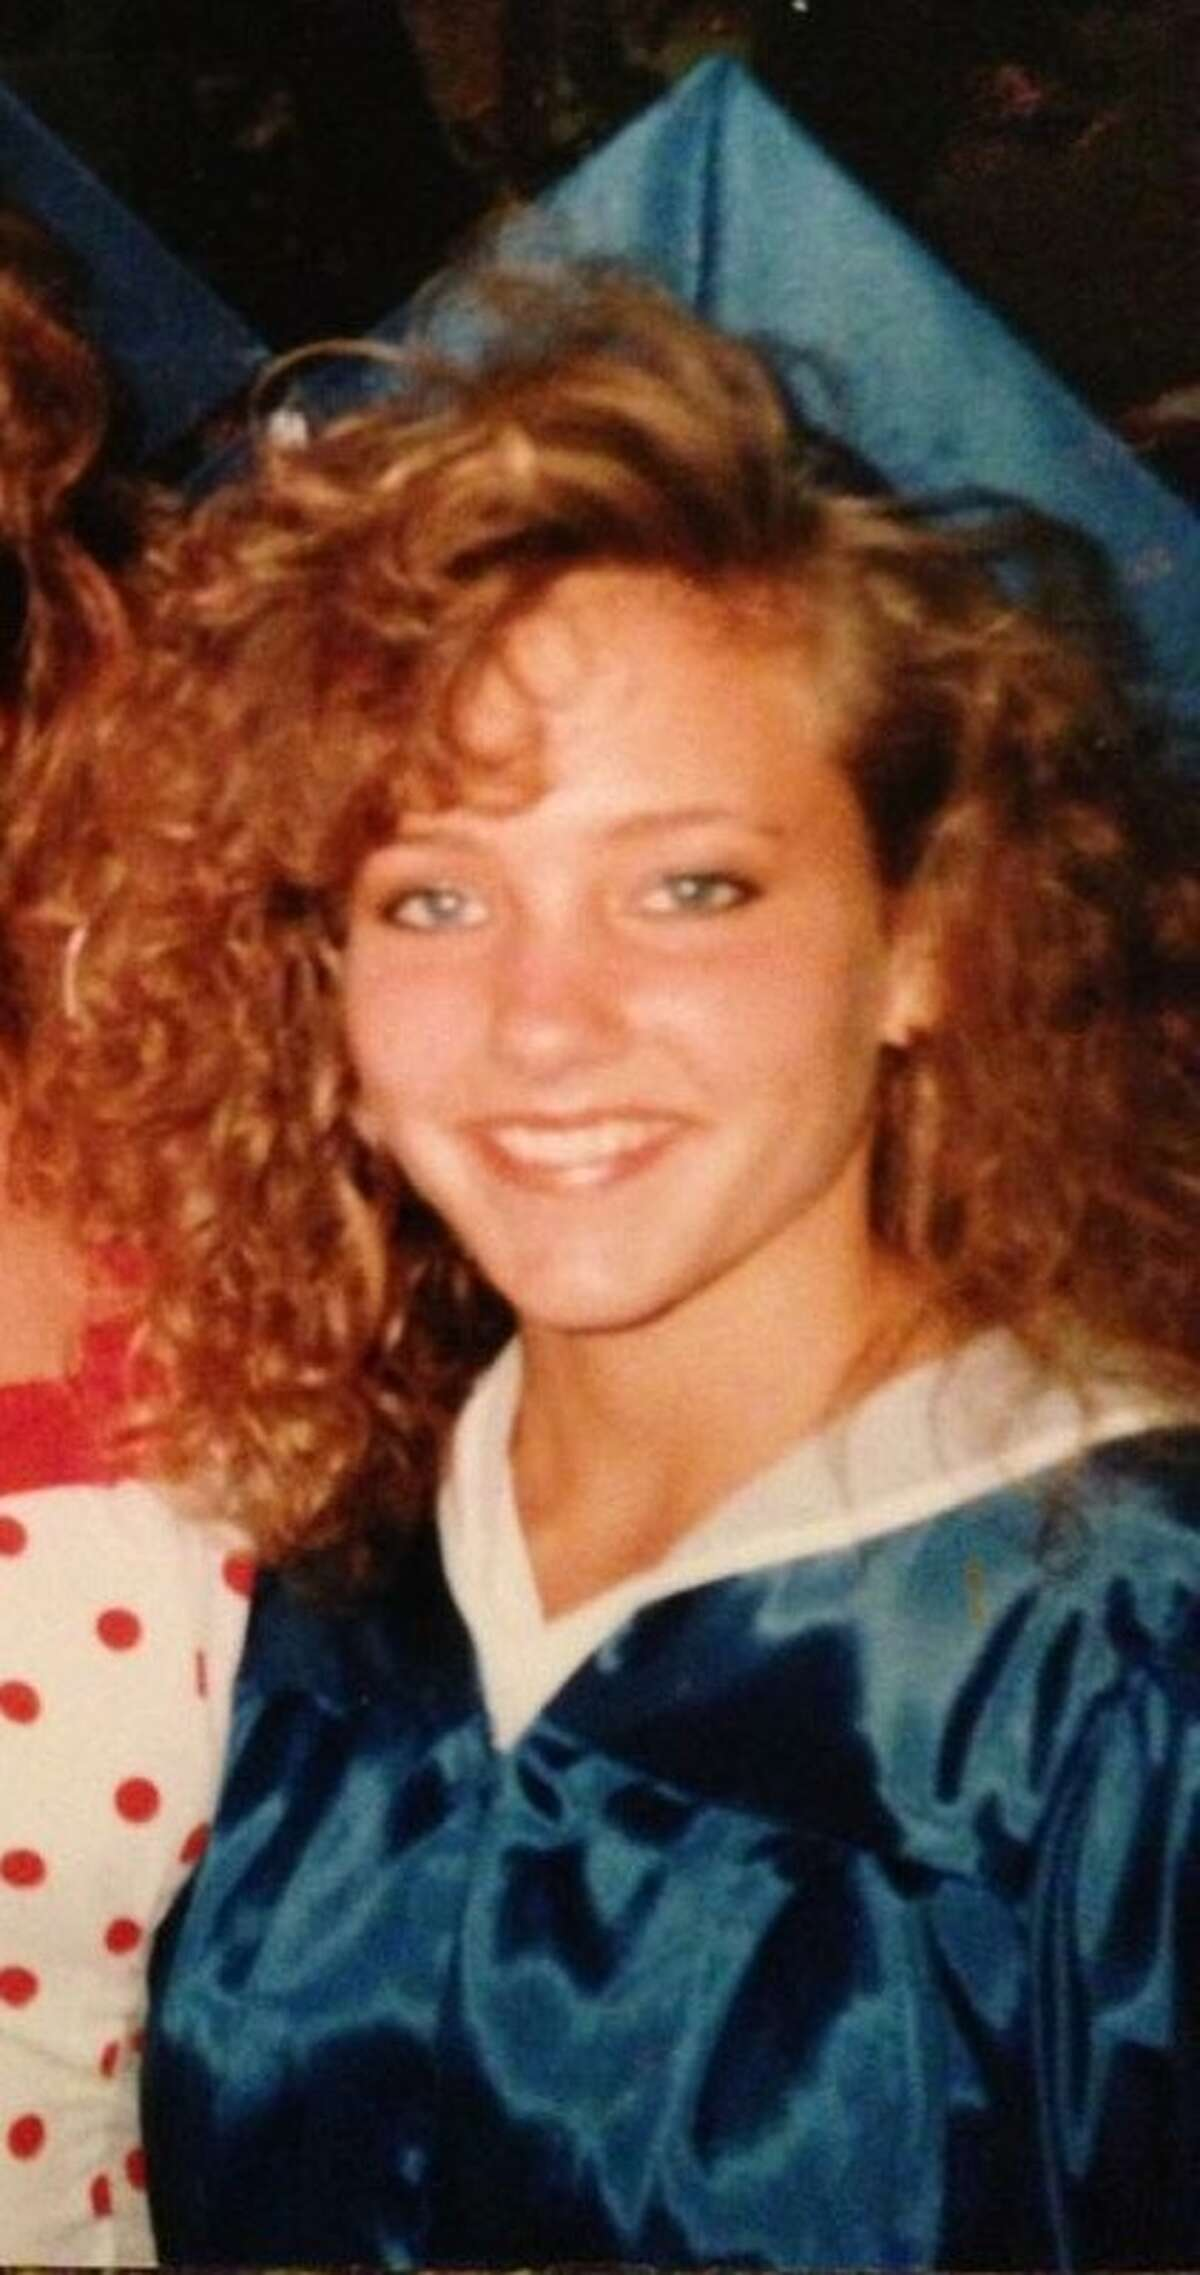 Then: Class of 1989, Lampasas High, Lampasas, Texas.